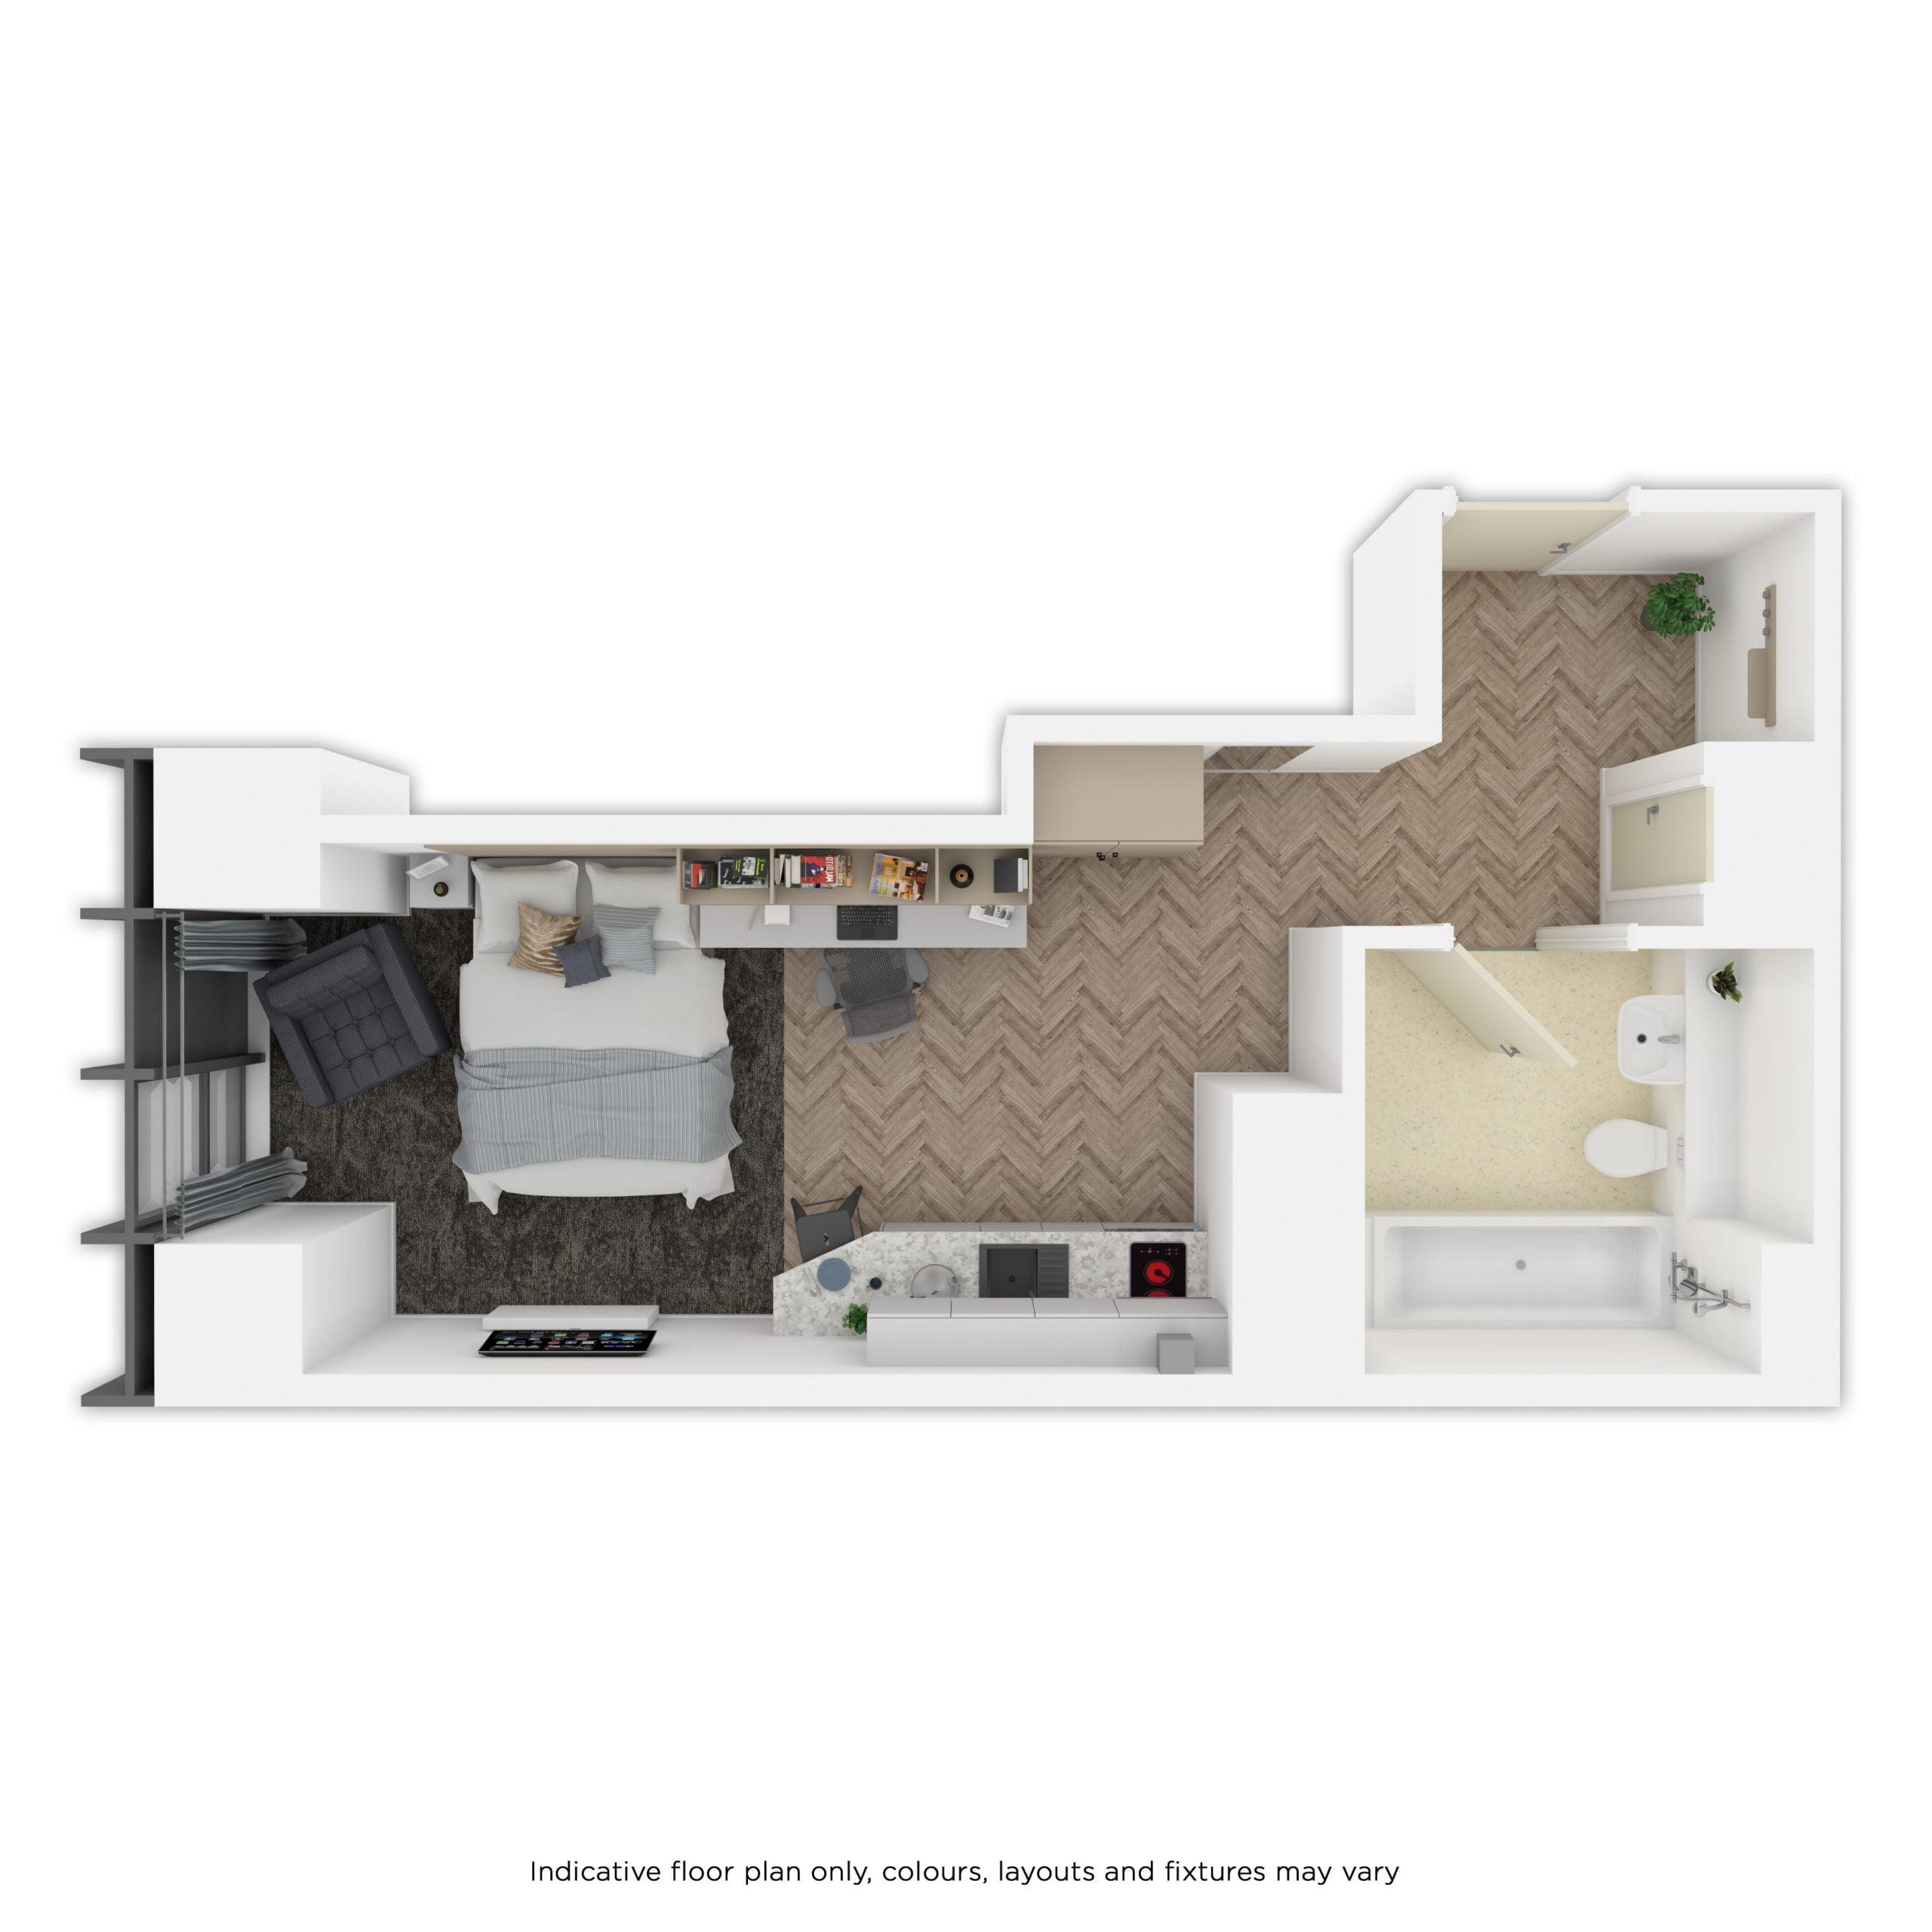 Indicative studio floor plan